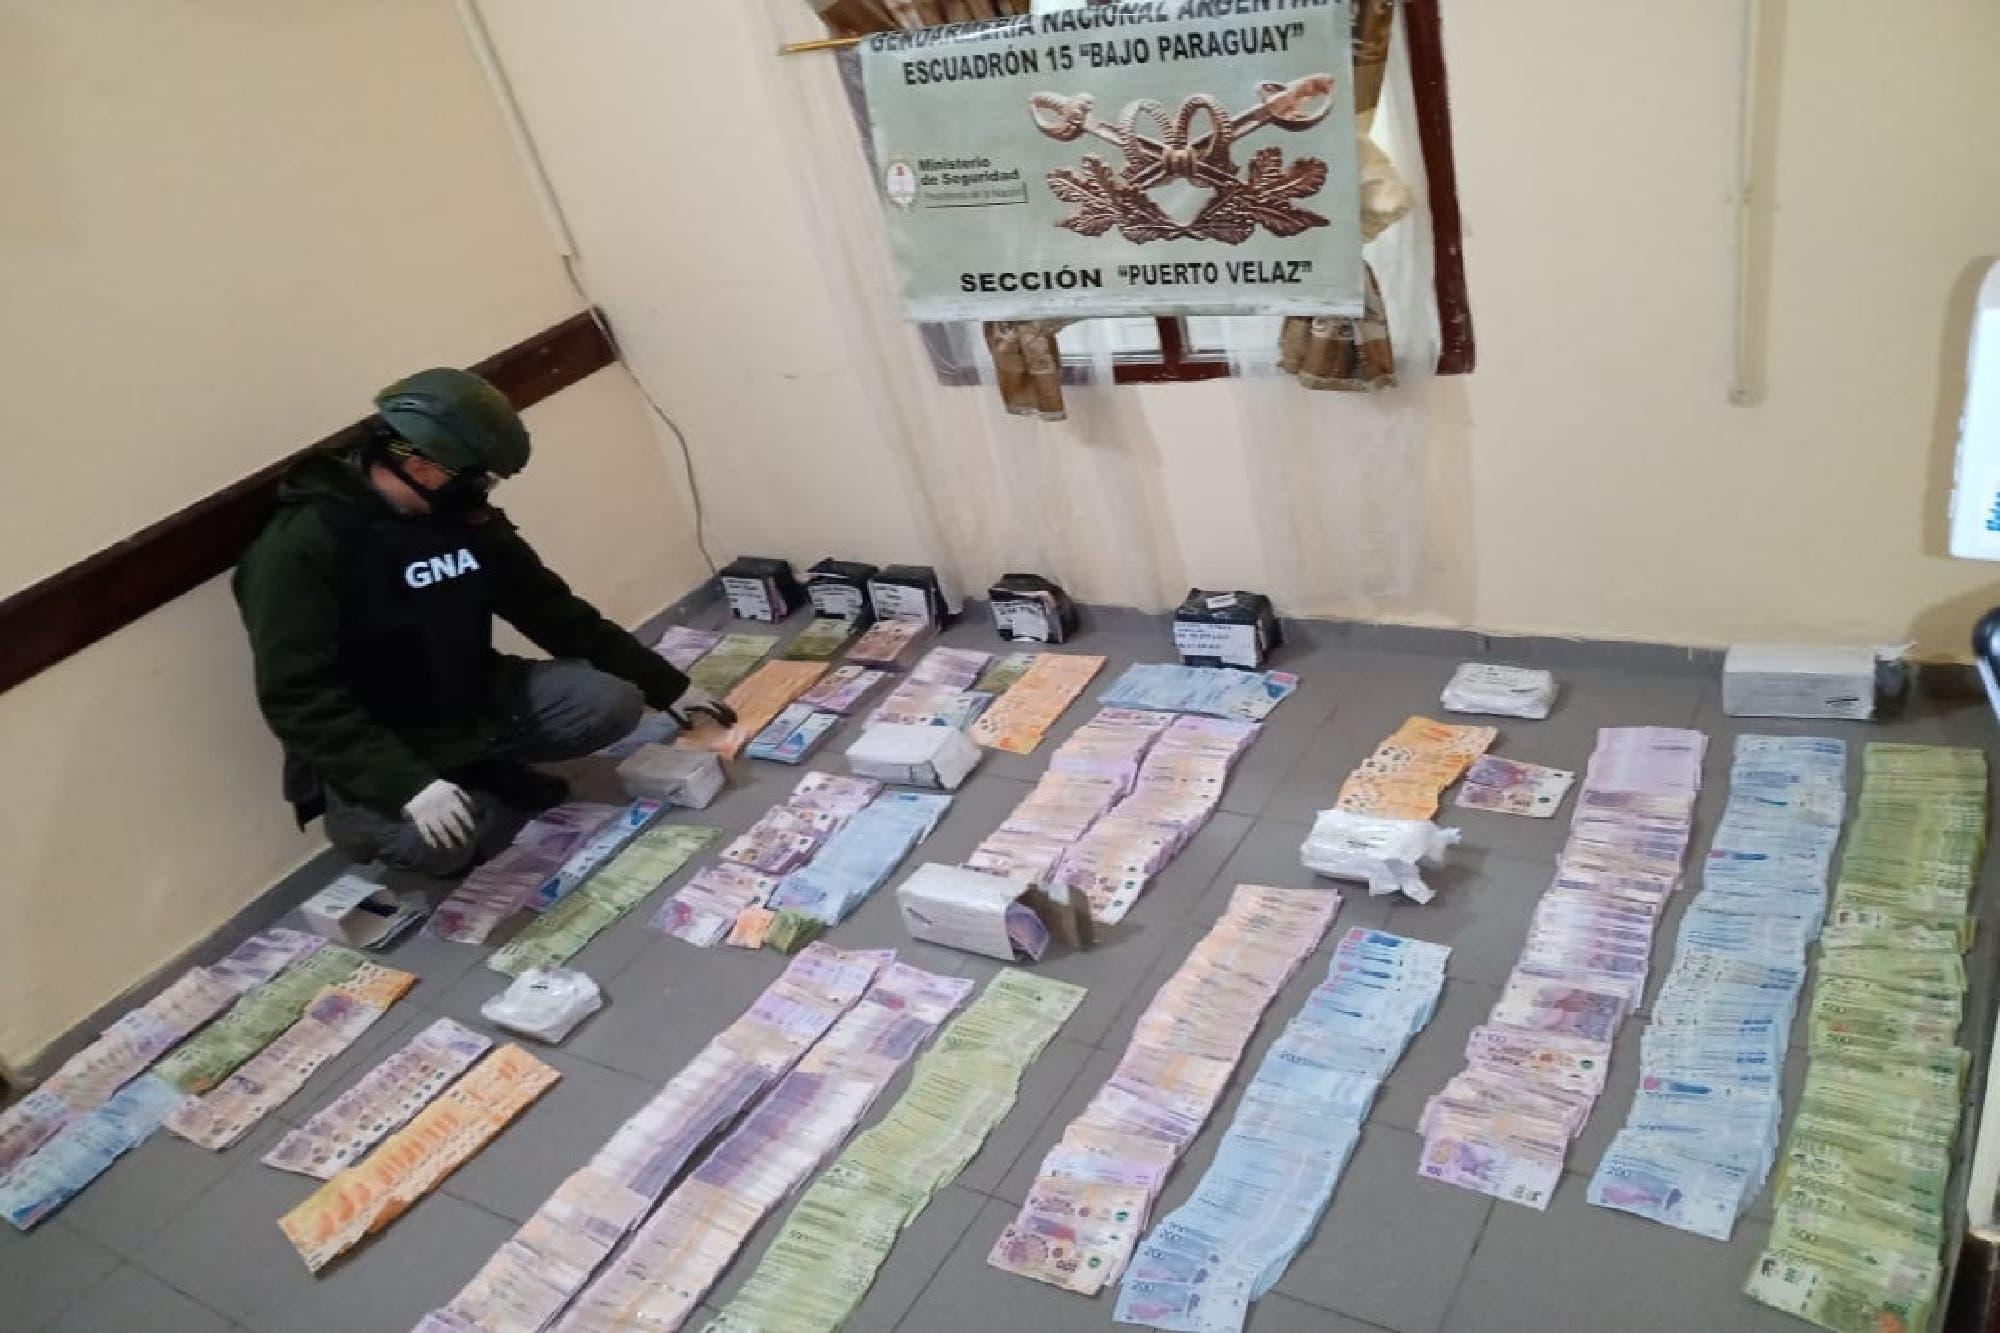 Dinero en las rutas: encontraron más de $ 2.000.000 que estaban ocultos en encomiendas